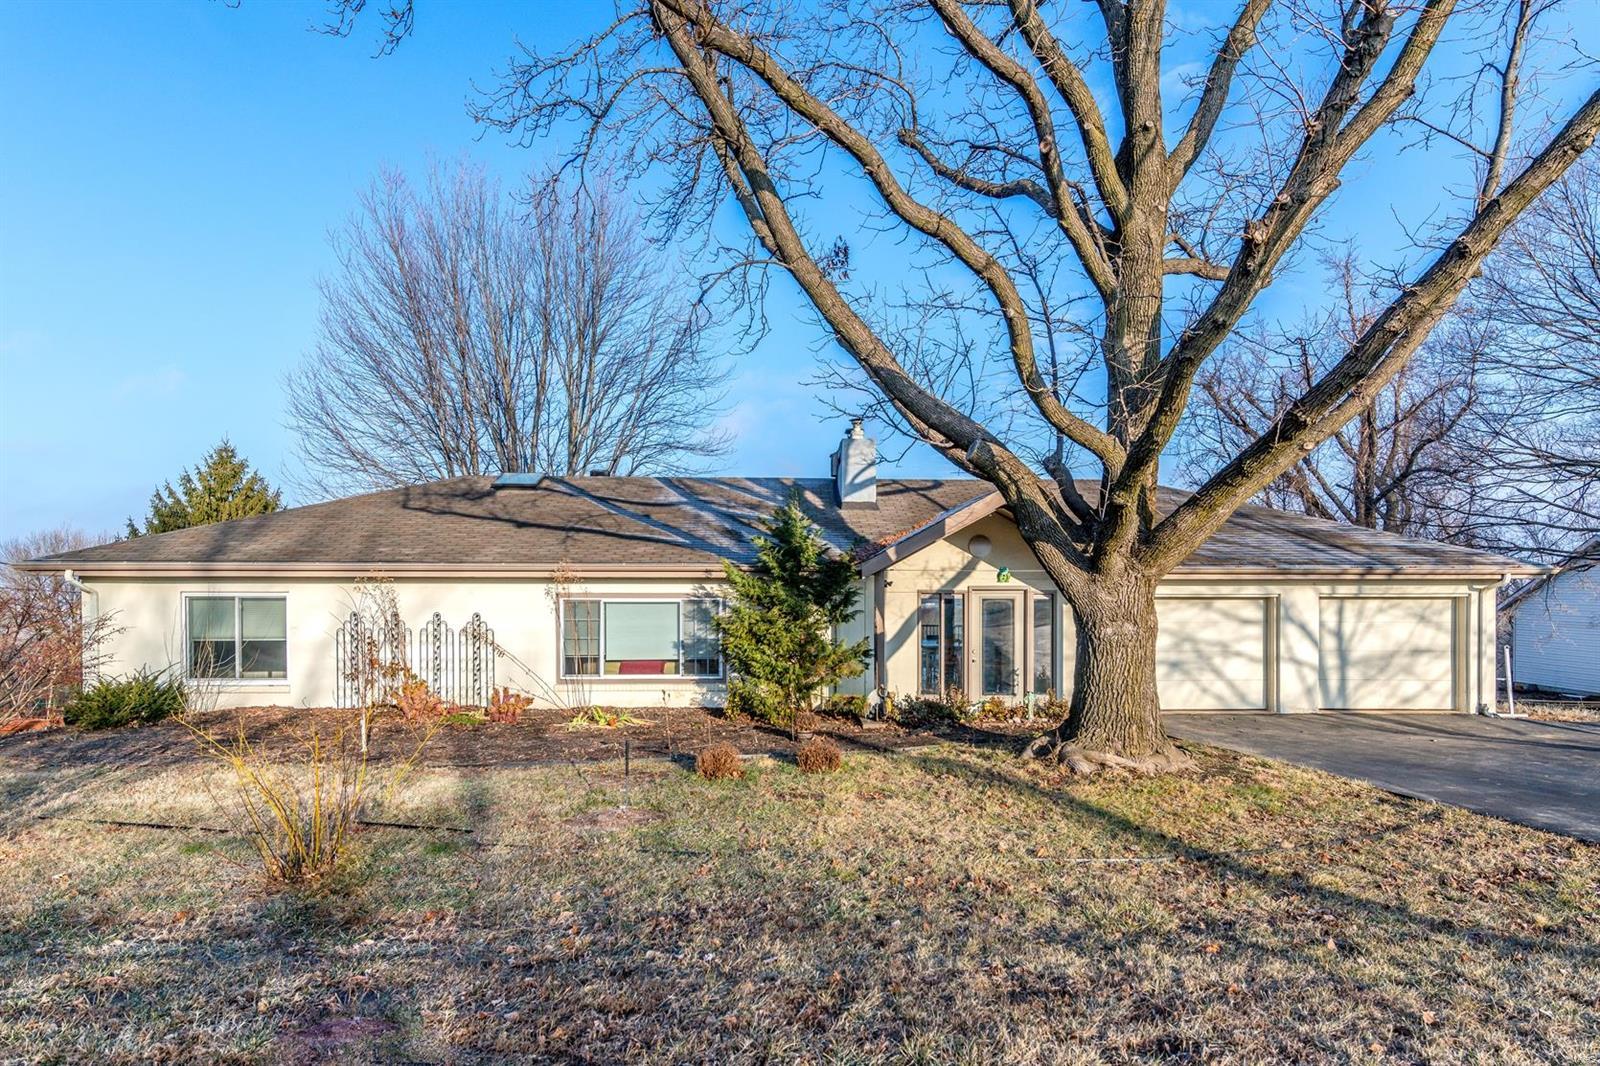 Barnett Acres Real Estate Listings Main Image